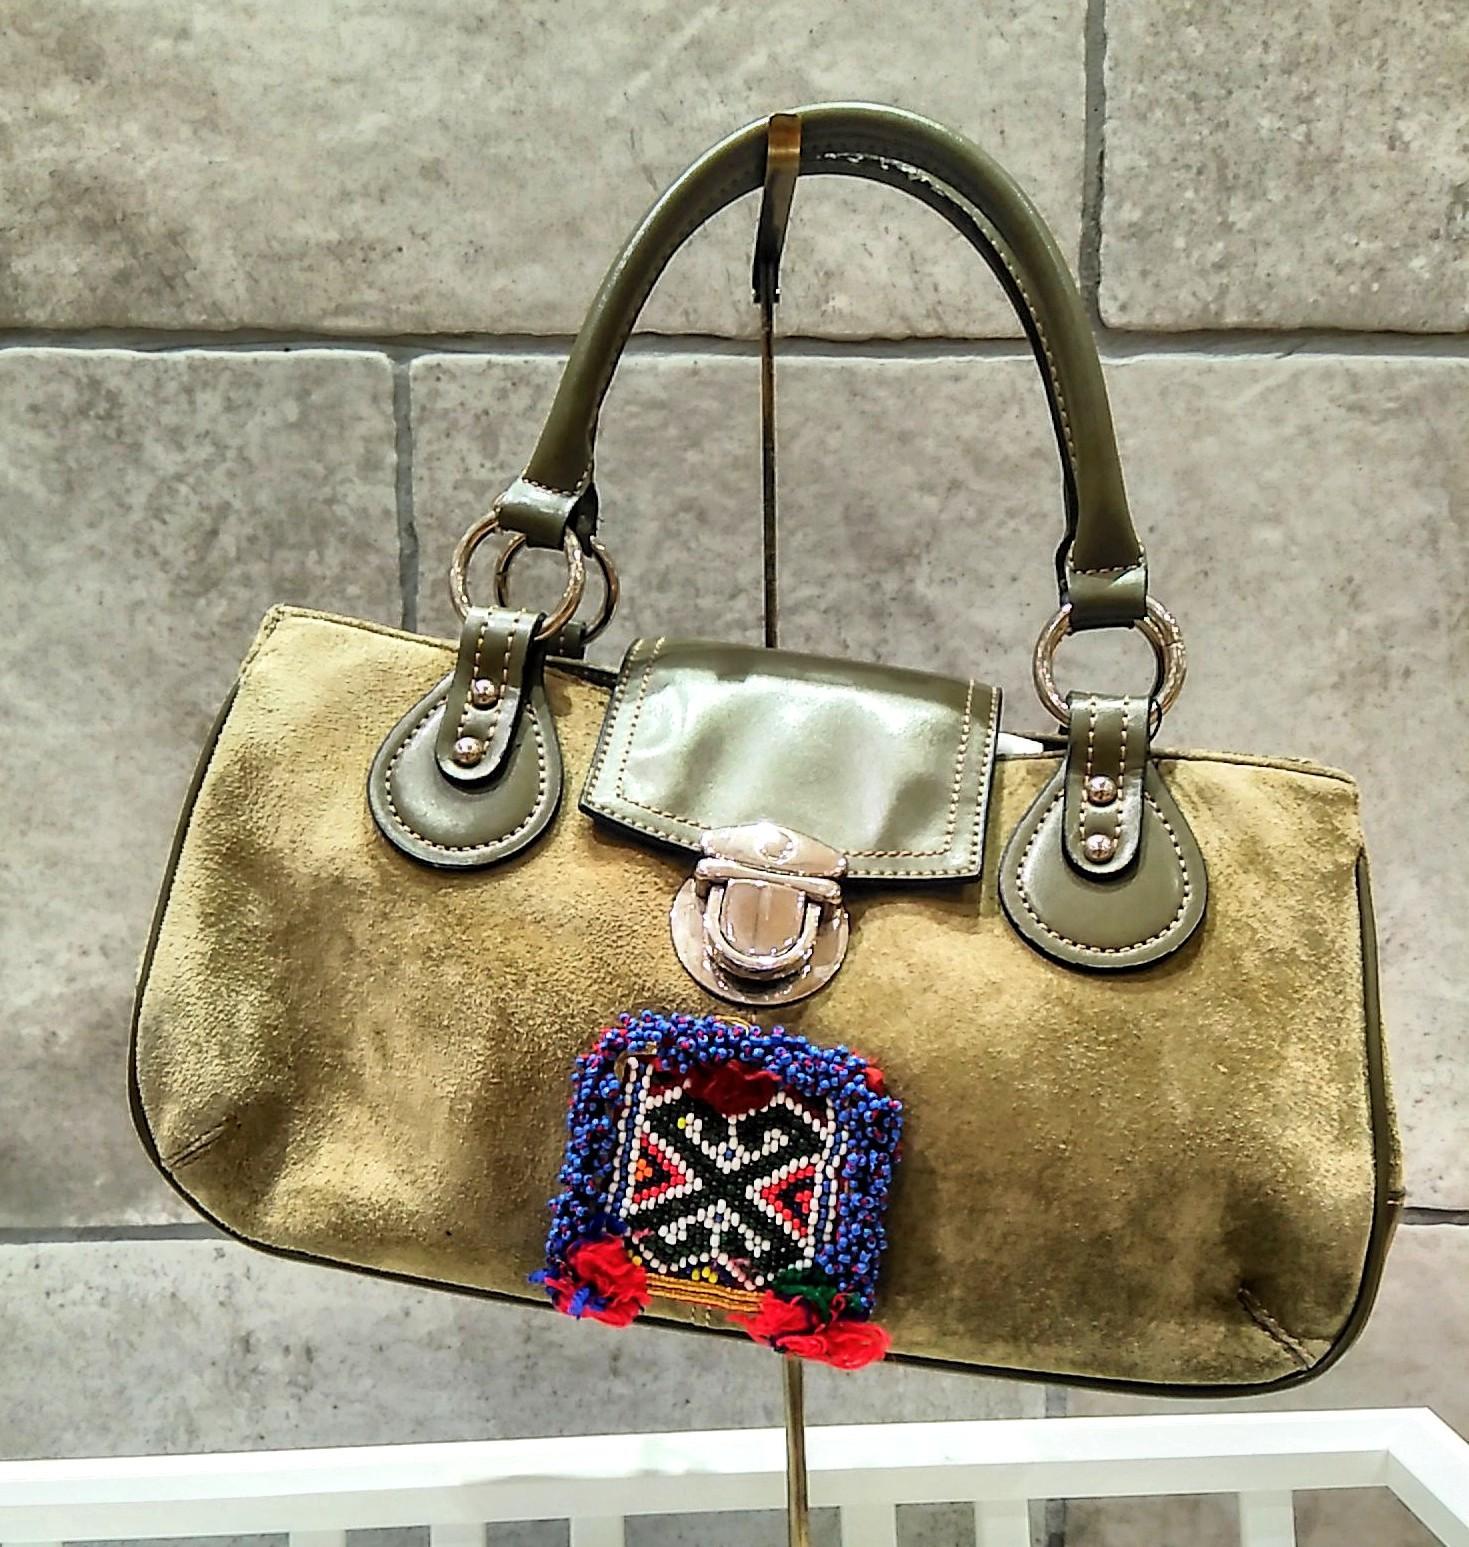 drmー101 アフガニスタンビーズ刺繍ハンドバッグ